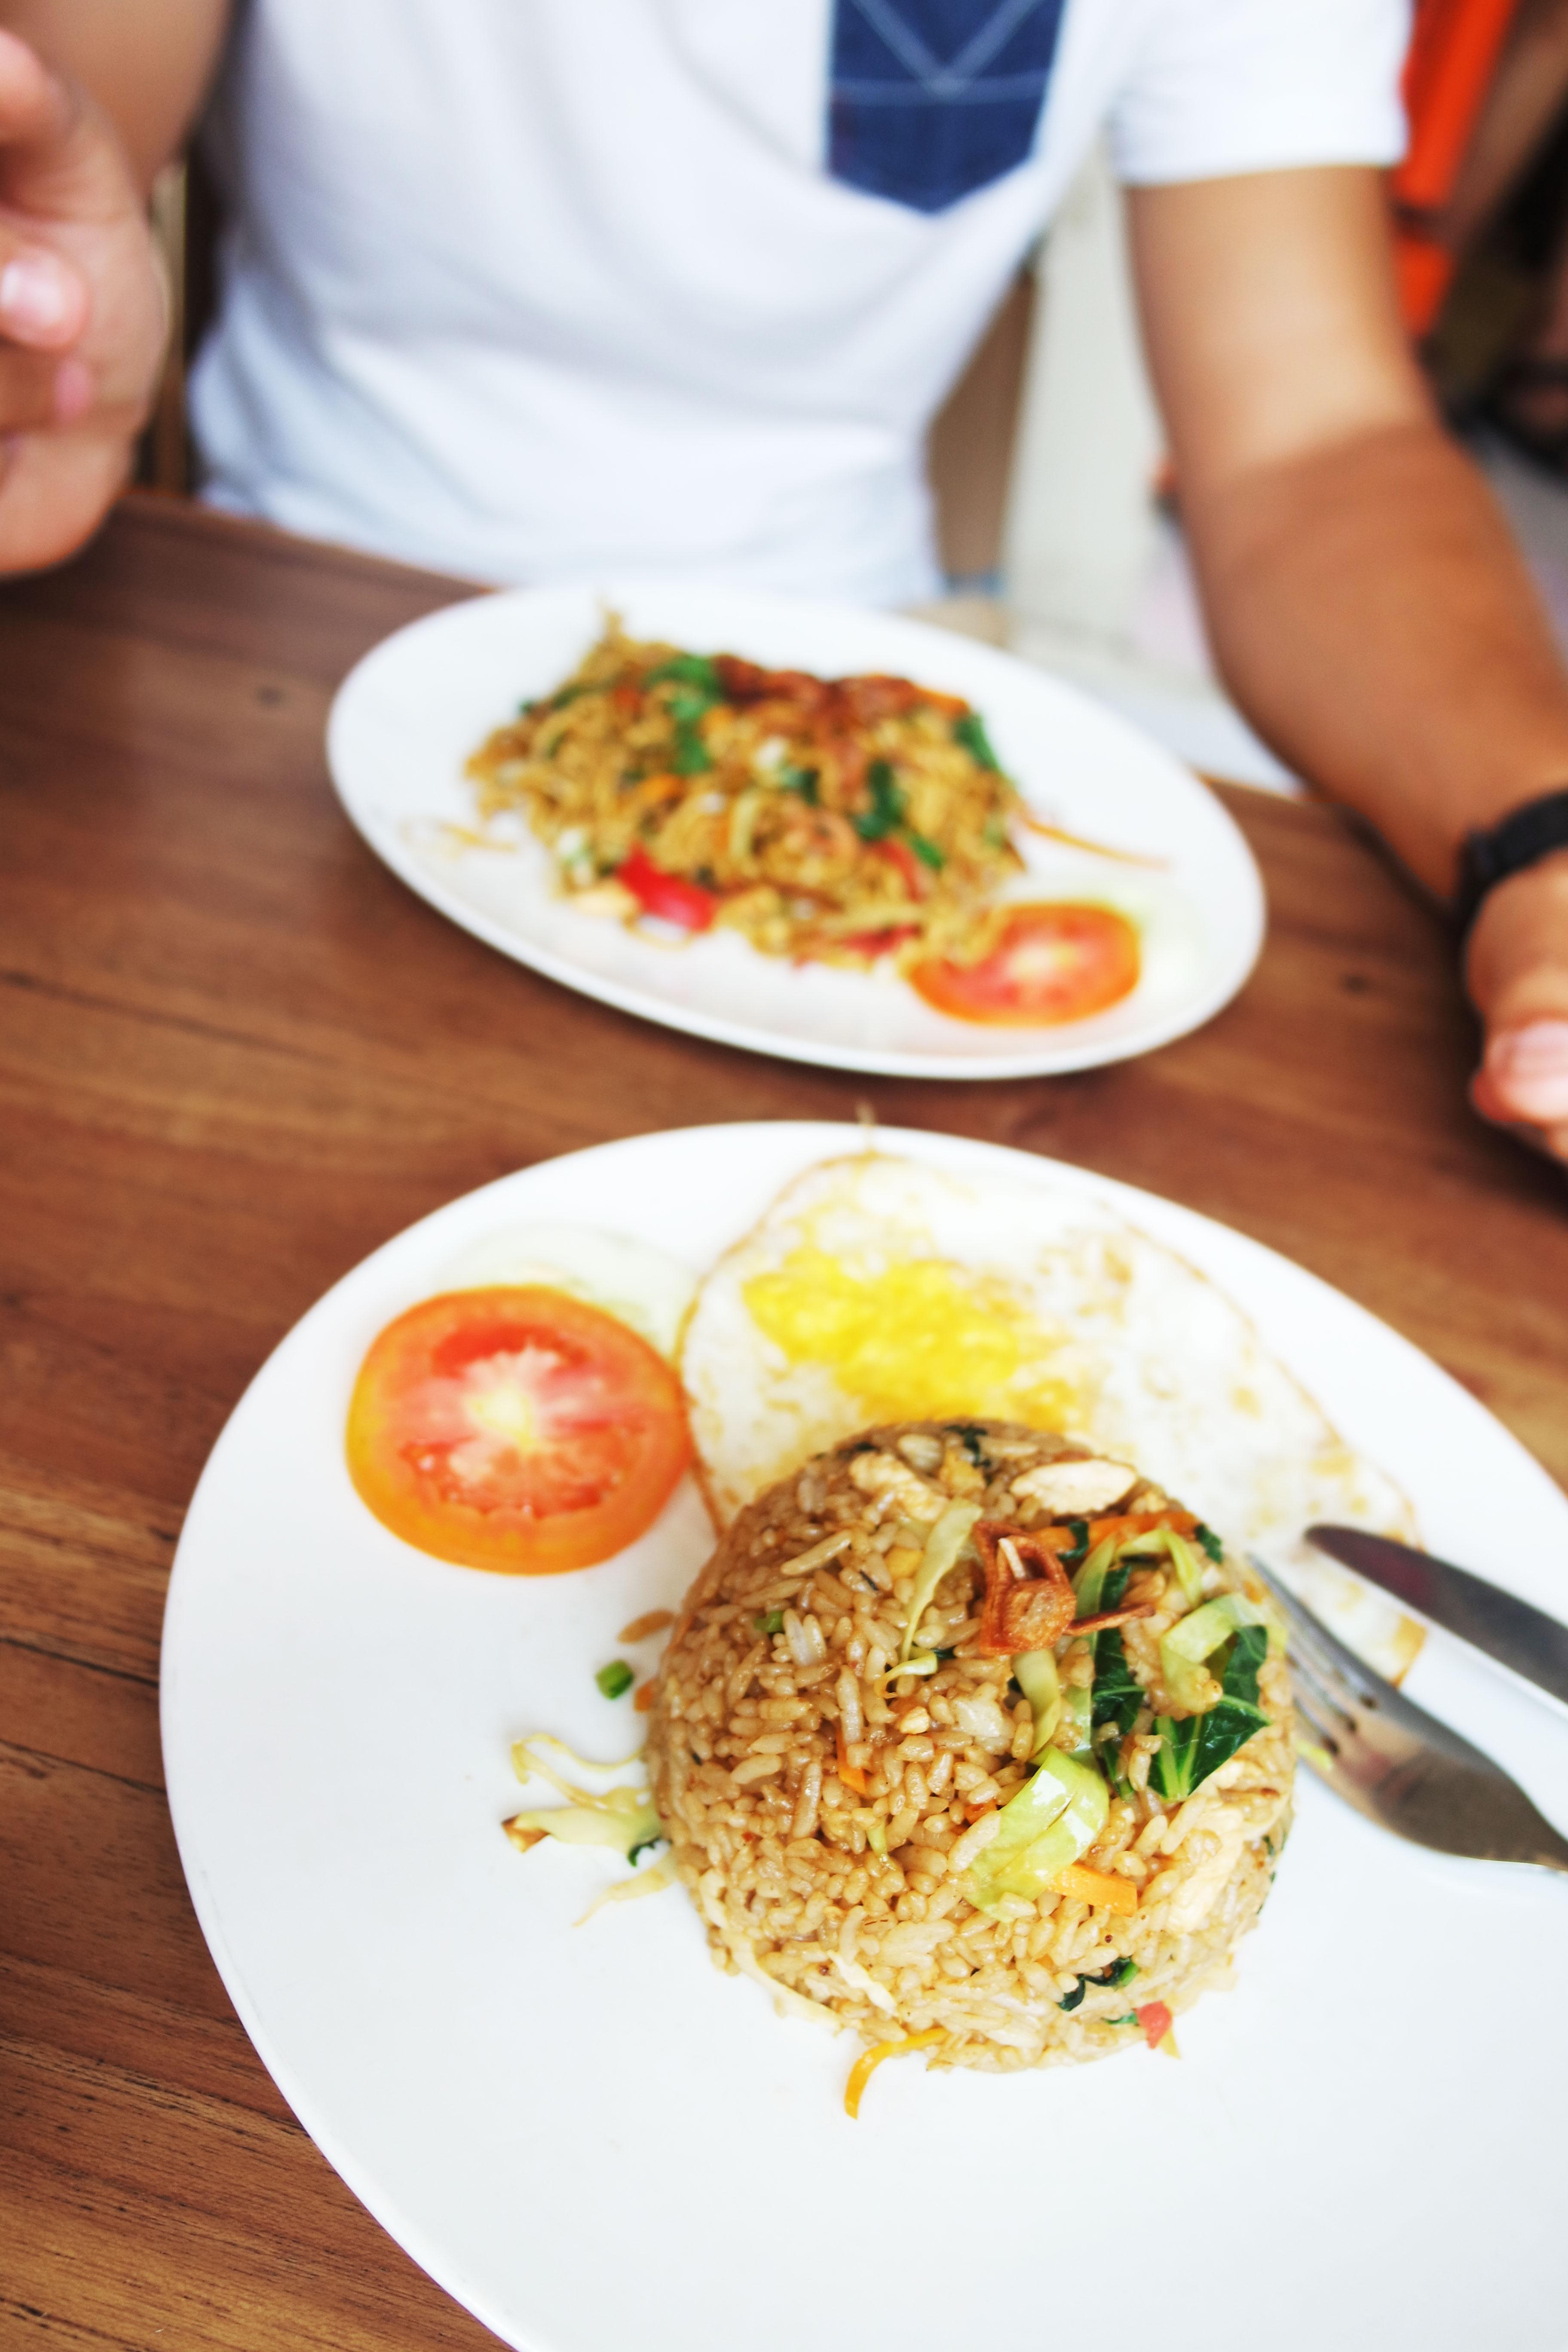 ubug-restaurant-manger-pas-cher-warung